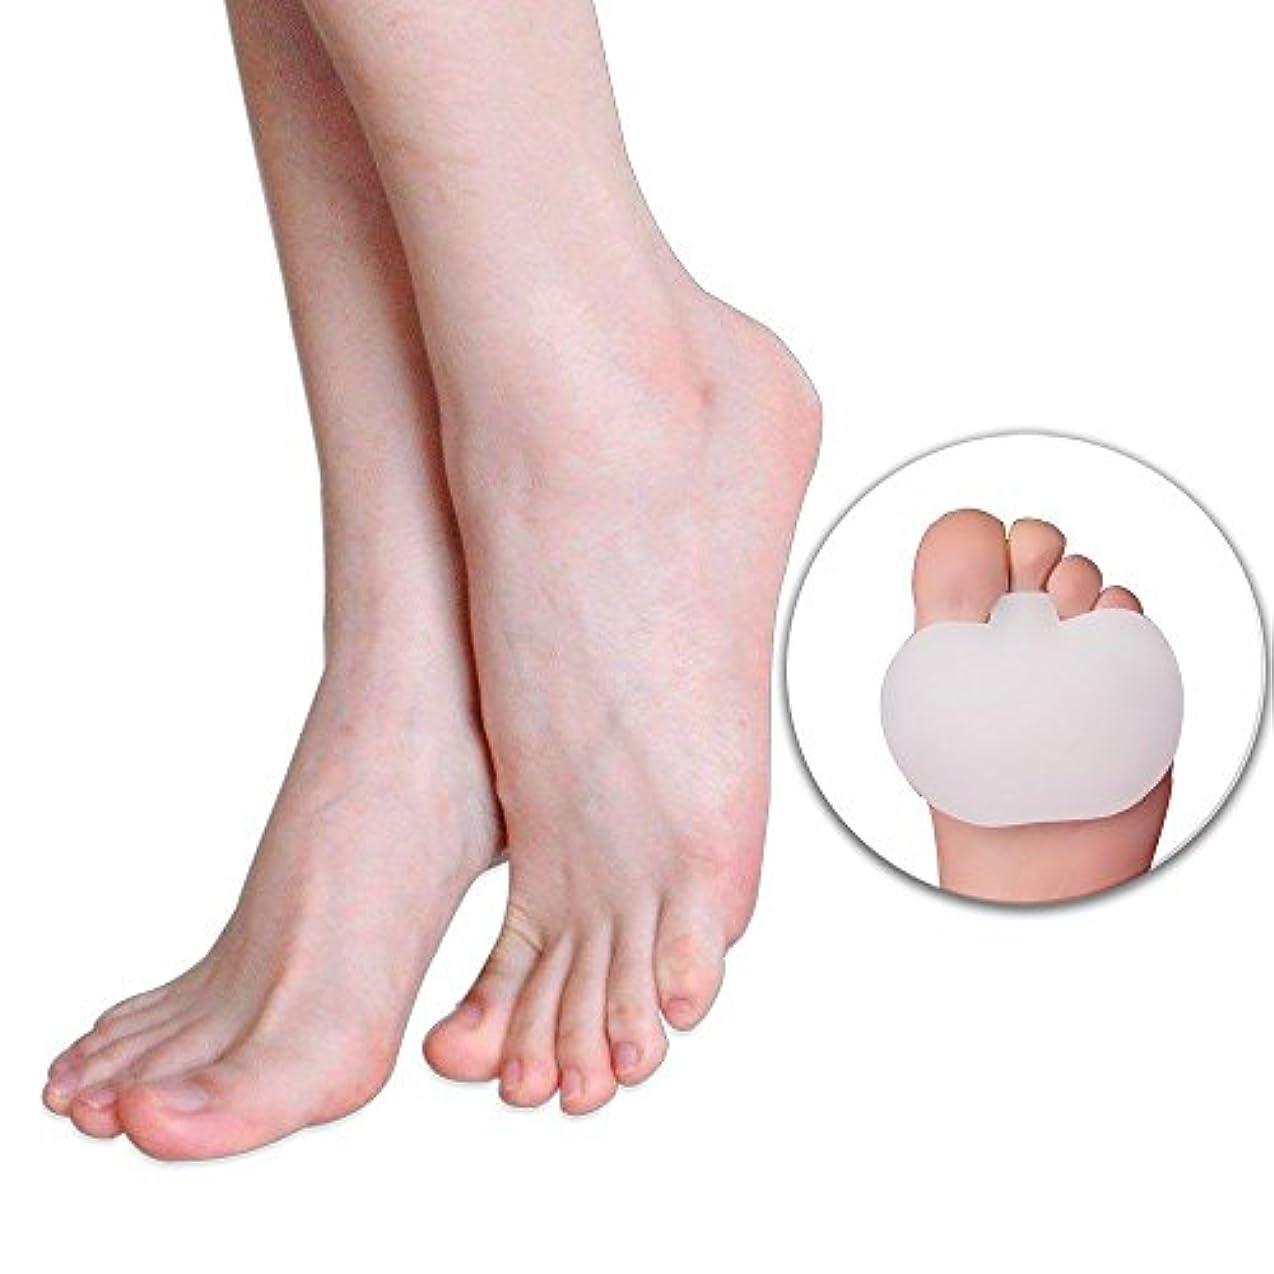 たらい位置づける手のひらフットマッサージ 前足パット足のケア、ゲルソックス、つま先、シリコン、外反母趾矯正、ゲル中足骨パッド、足クッションのボール、前足のケア、痛みの足の痛み、外反、外反母趾